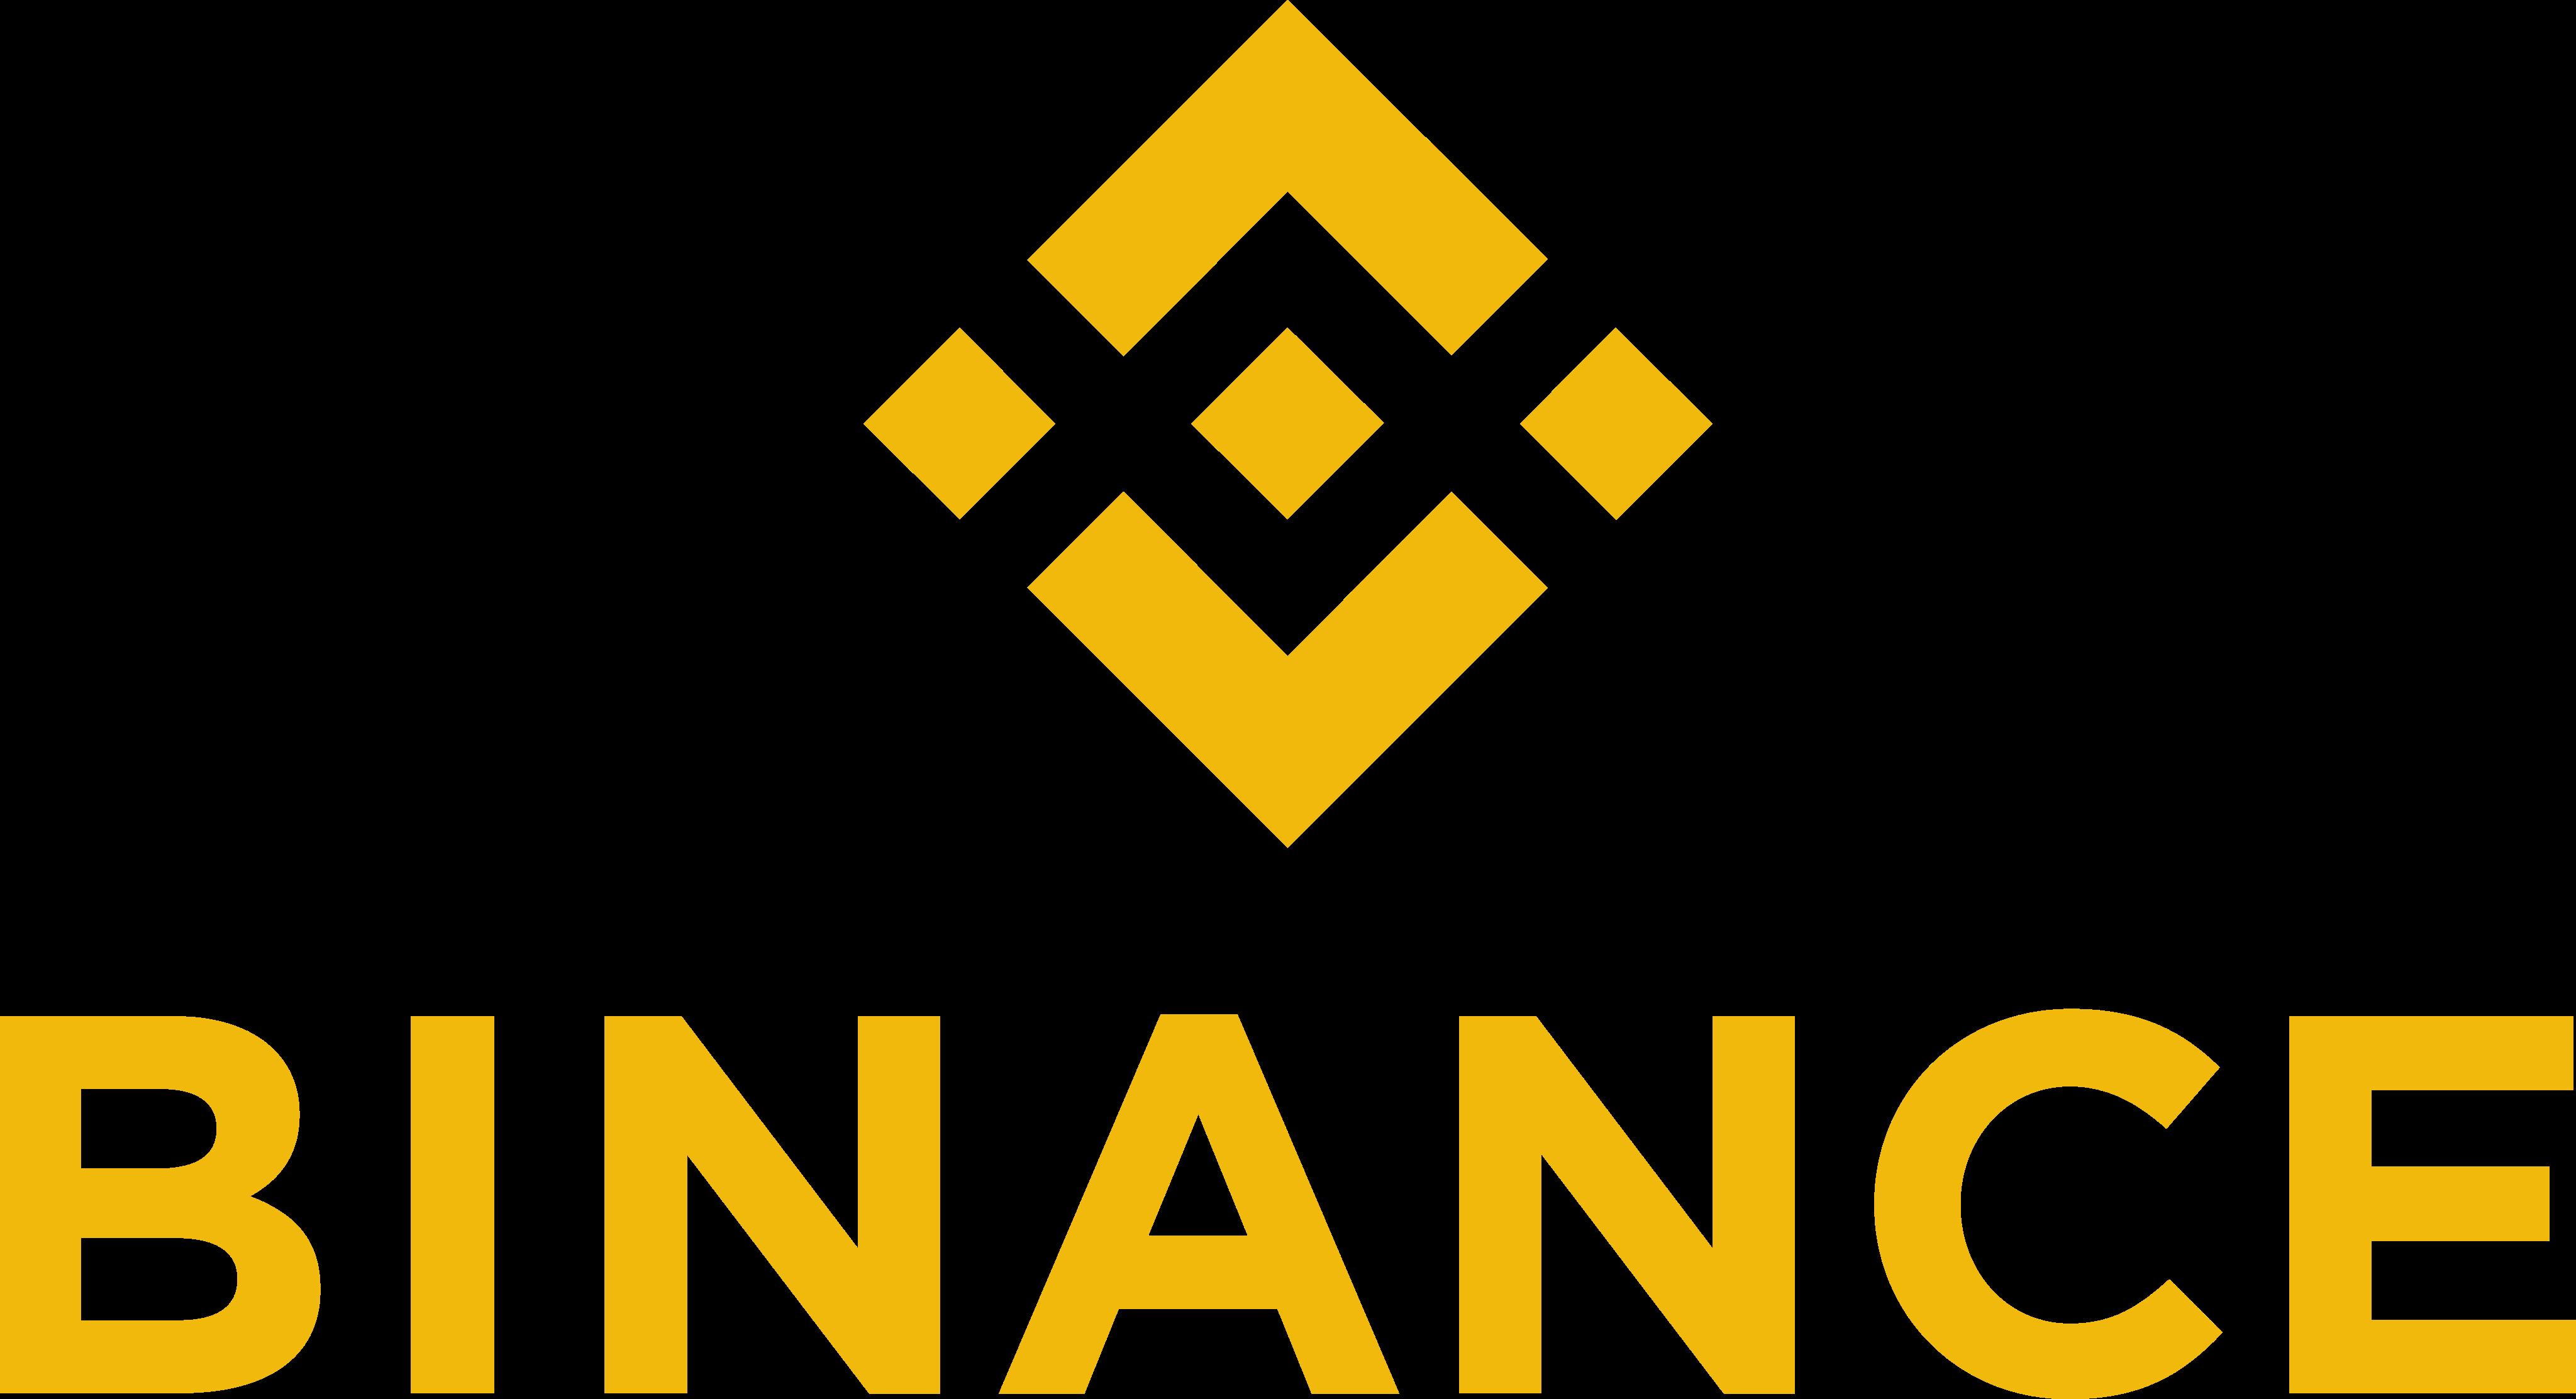 binance logo 1 - Binance Logo